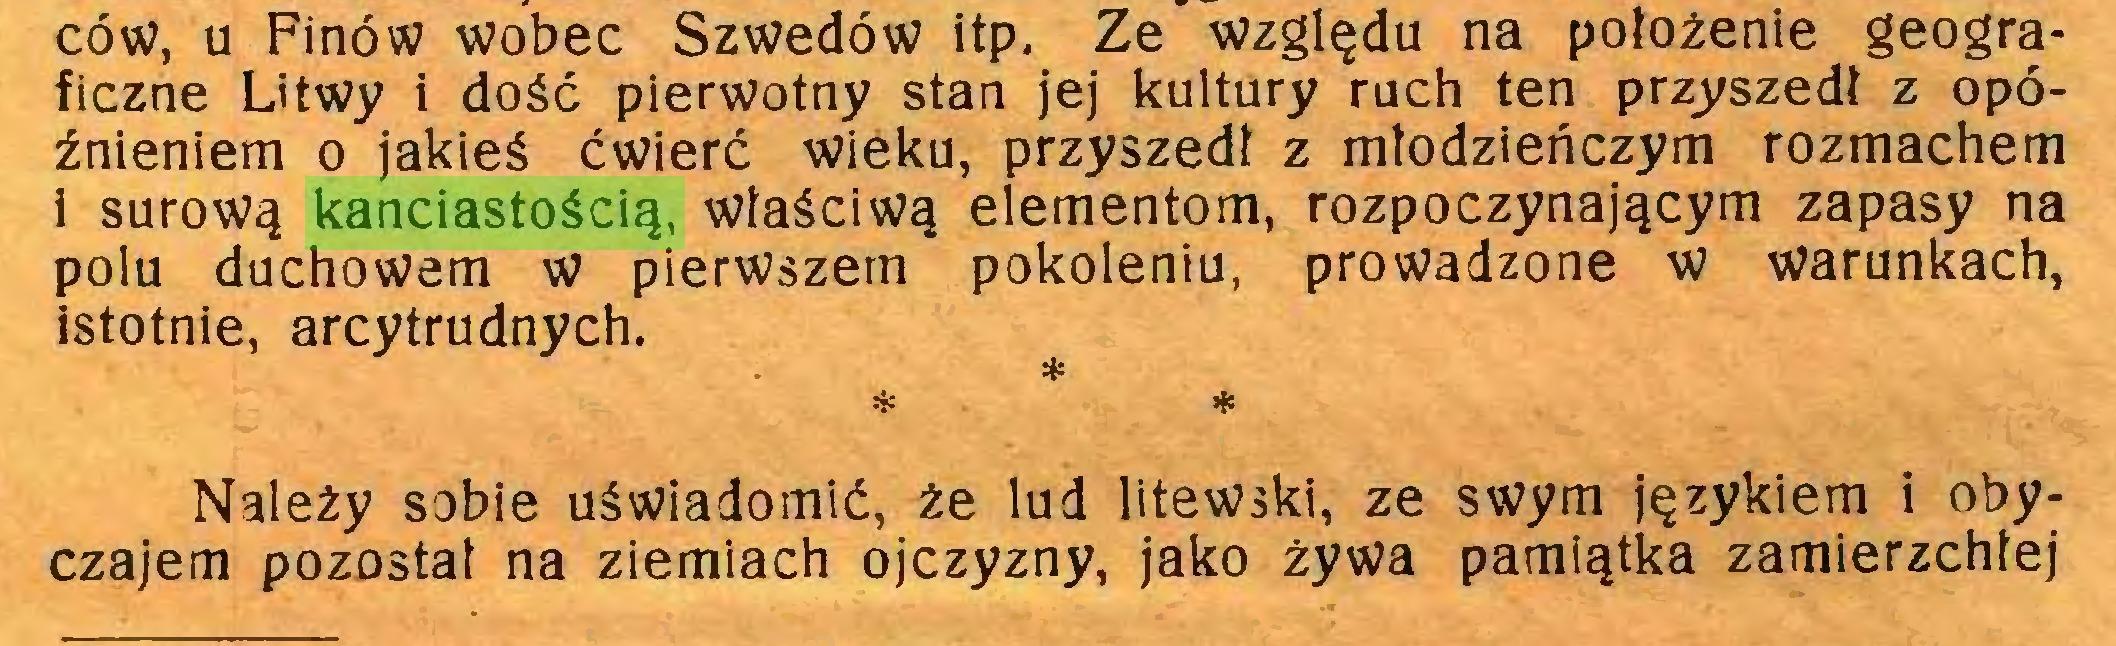 (...) ców, u Finów wobec Szwedów itp. Ze względu na położenie geograficzne Litwy i dość pierwotny stan jej kultury ruch ten przeszedł z opóźnieniem o jakieś ćwierć wieku, przyszedł z młodzieńczym rozmachem i surową kanciastością, właściwą elementom, rozpoczynającym zapasy na polu duchowem w pierwszem pokoleniu, prowadzone w warunkach, istotnie, arcytrudnych. * * * Należy sobie uświadomić, że lud litewski, ze swym językiem i obyczajem pozostał na ziemiach ojczyzny, jako żywa pamiątka zamierzchłej...